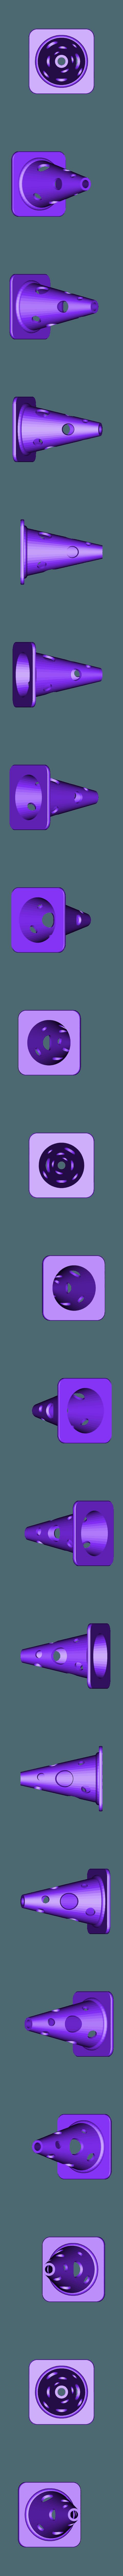 mole_cone_A.stl Télécharger fichier STL gratuit Collection de cônes de circulation de la mode • Design imprimable en 3D, Render